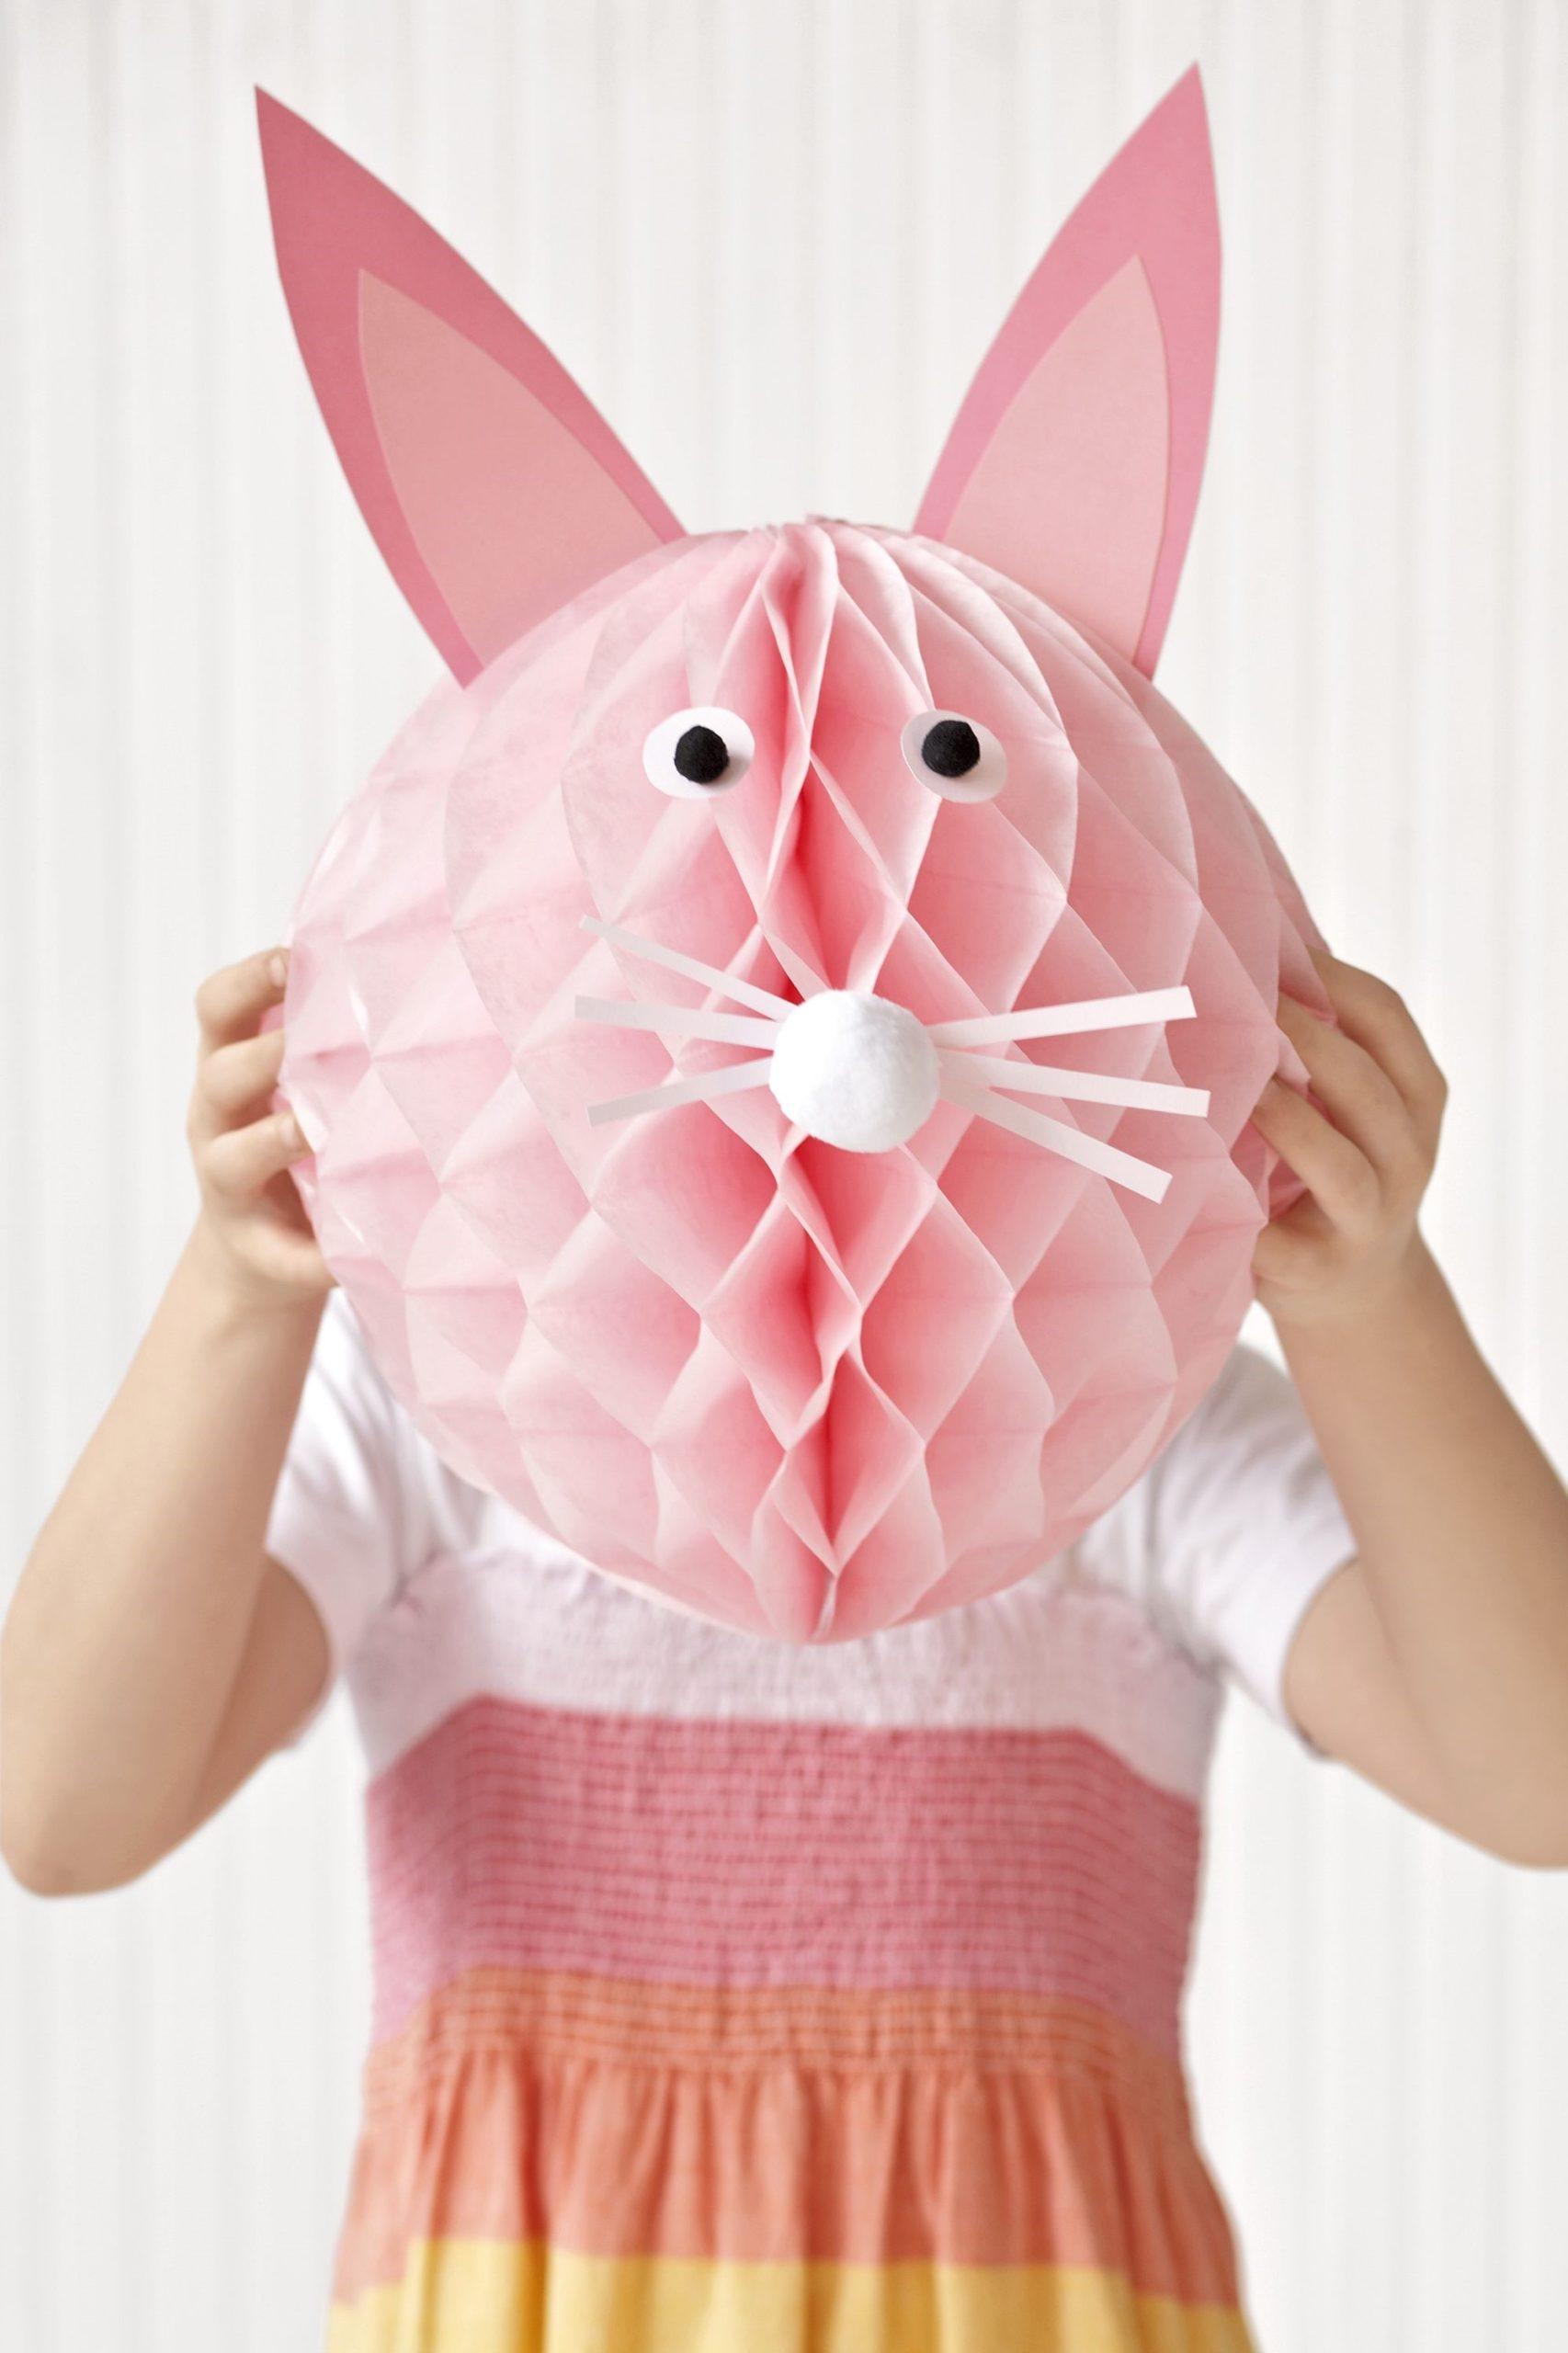 Décoration en forme de lapin de Pâques rose pour votre fête.